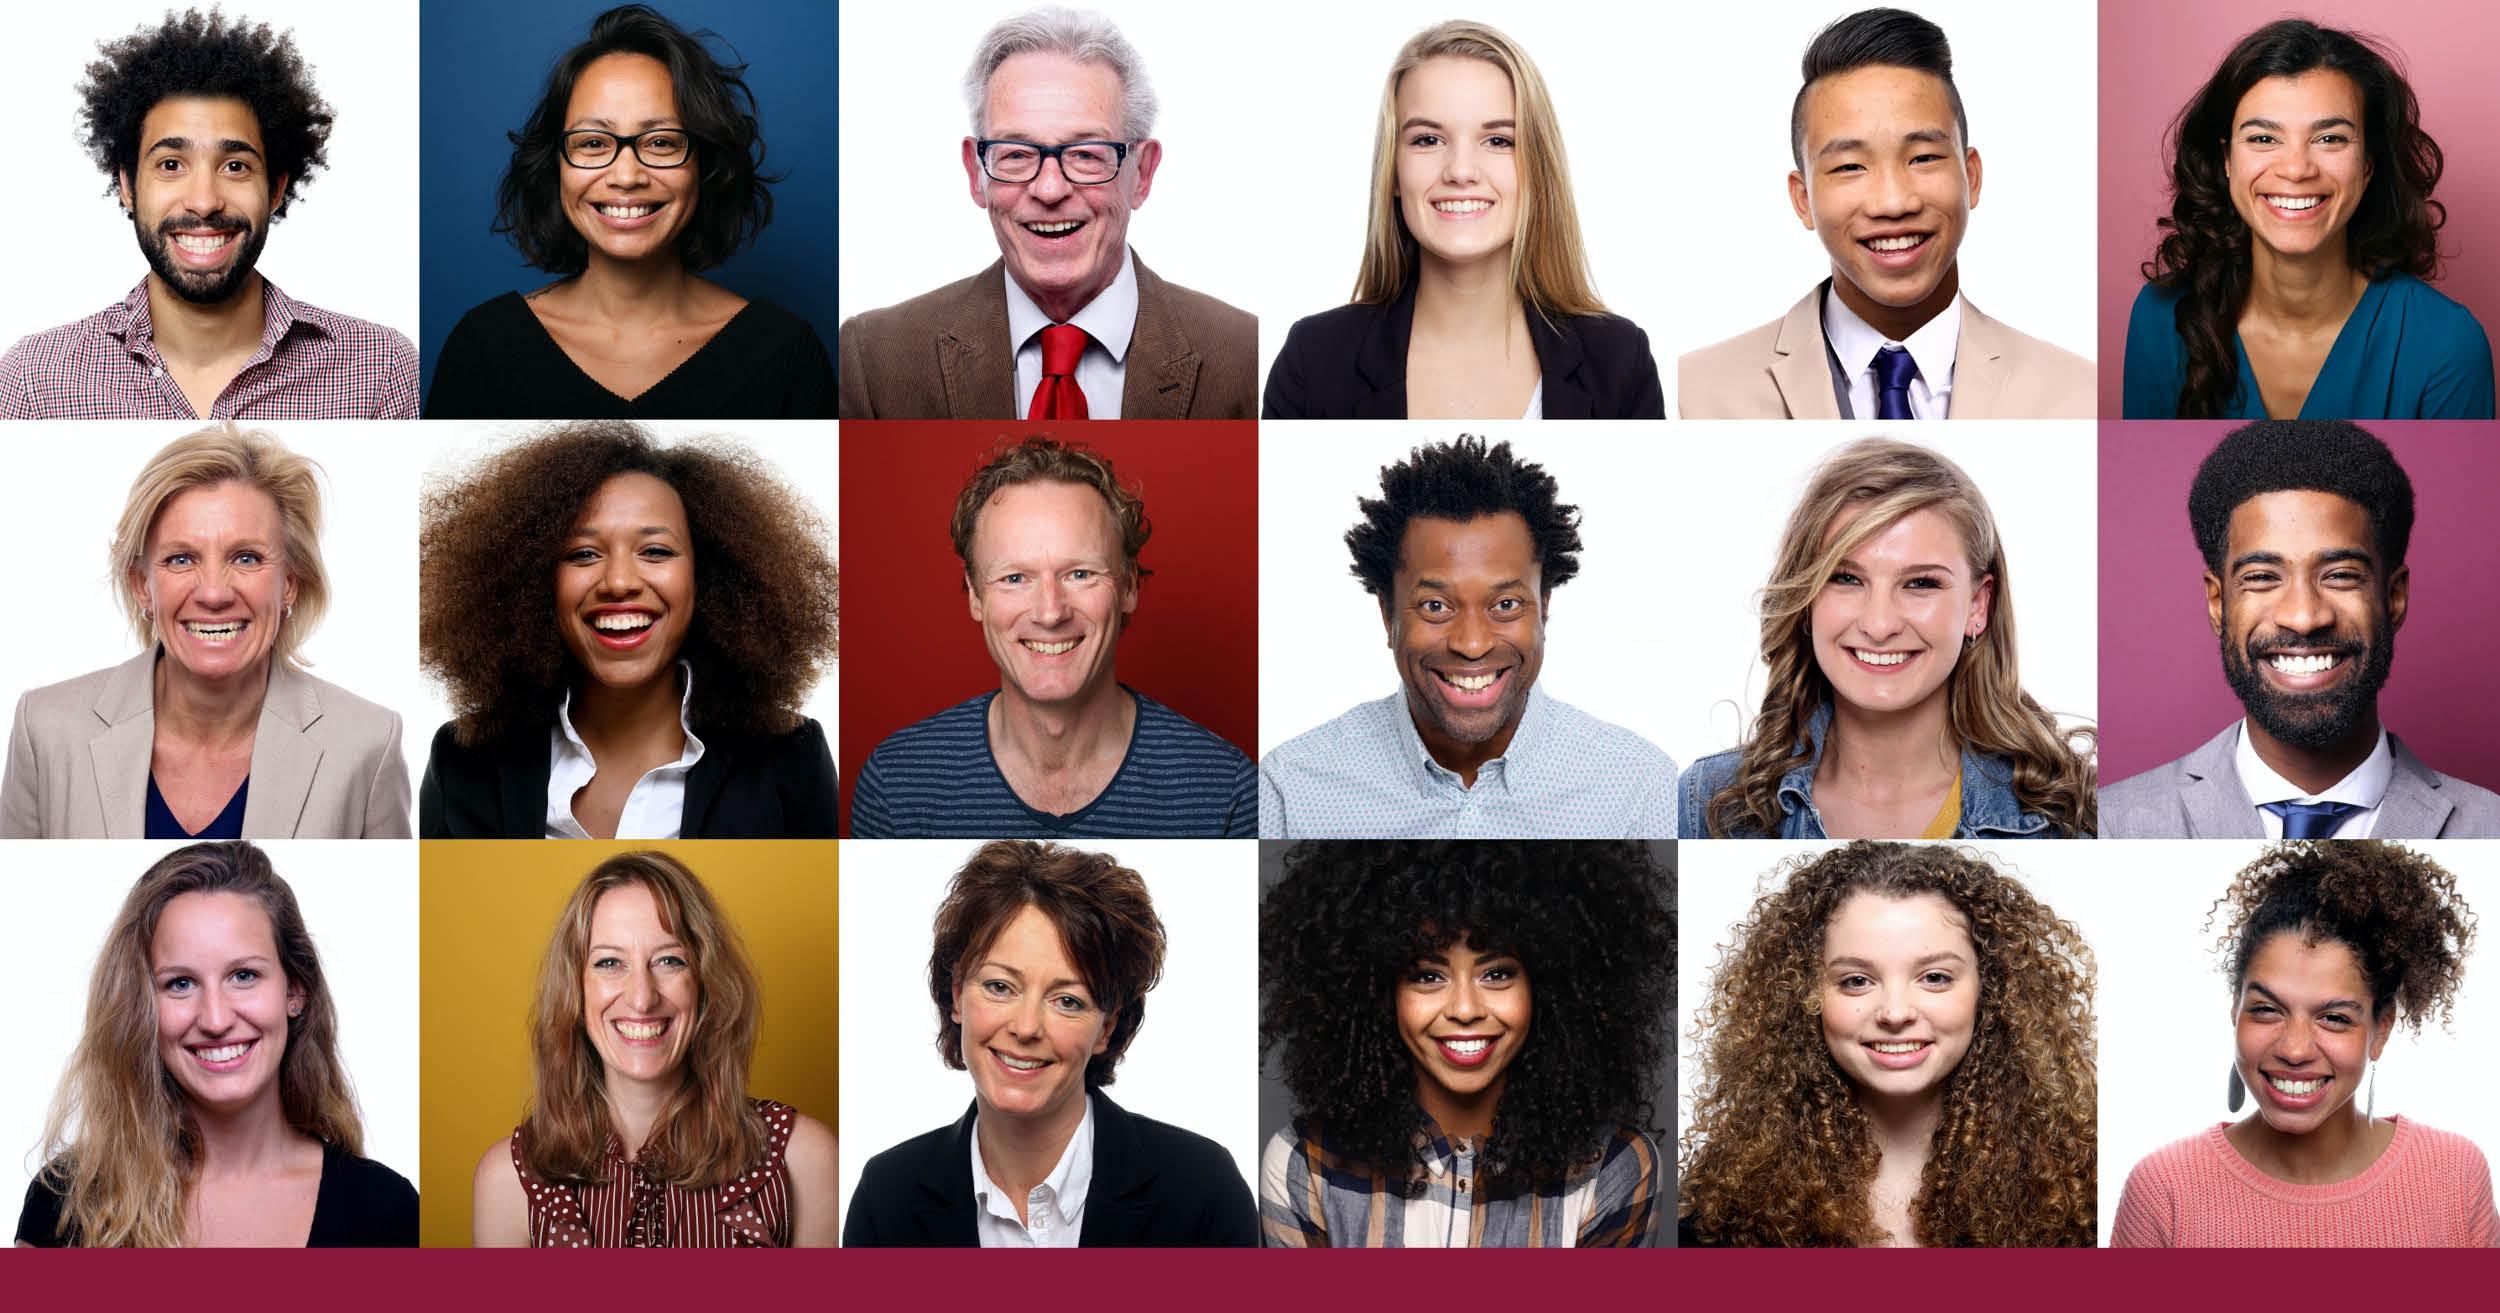 une mosaïque de visages divers